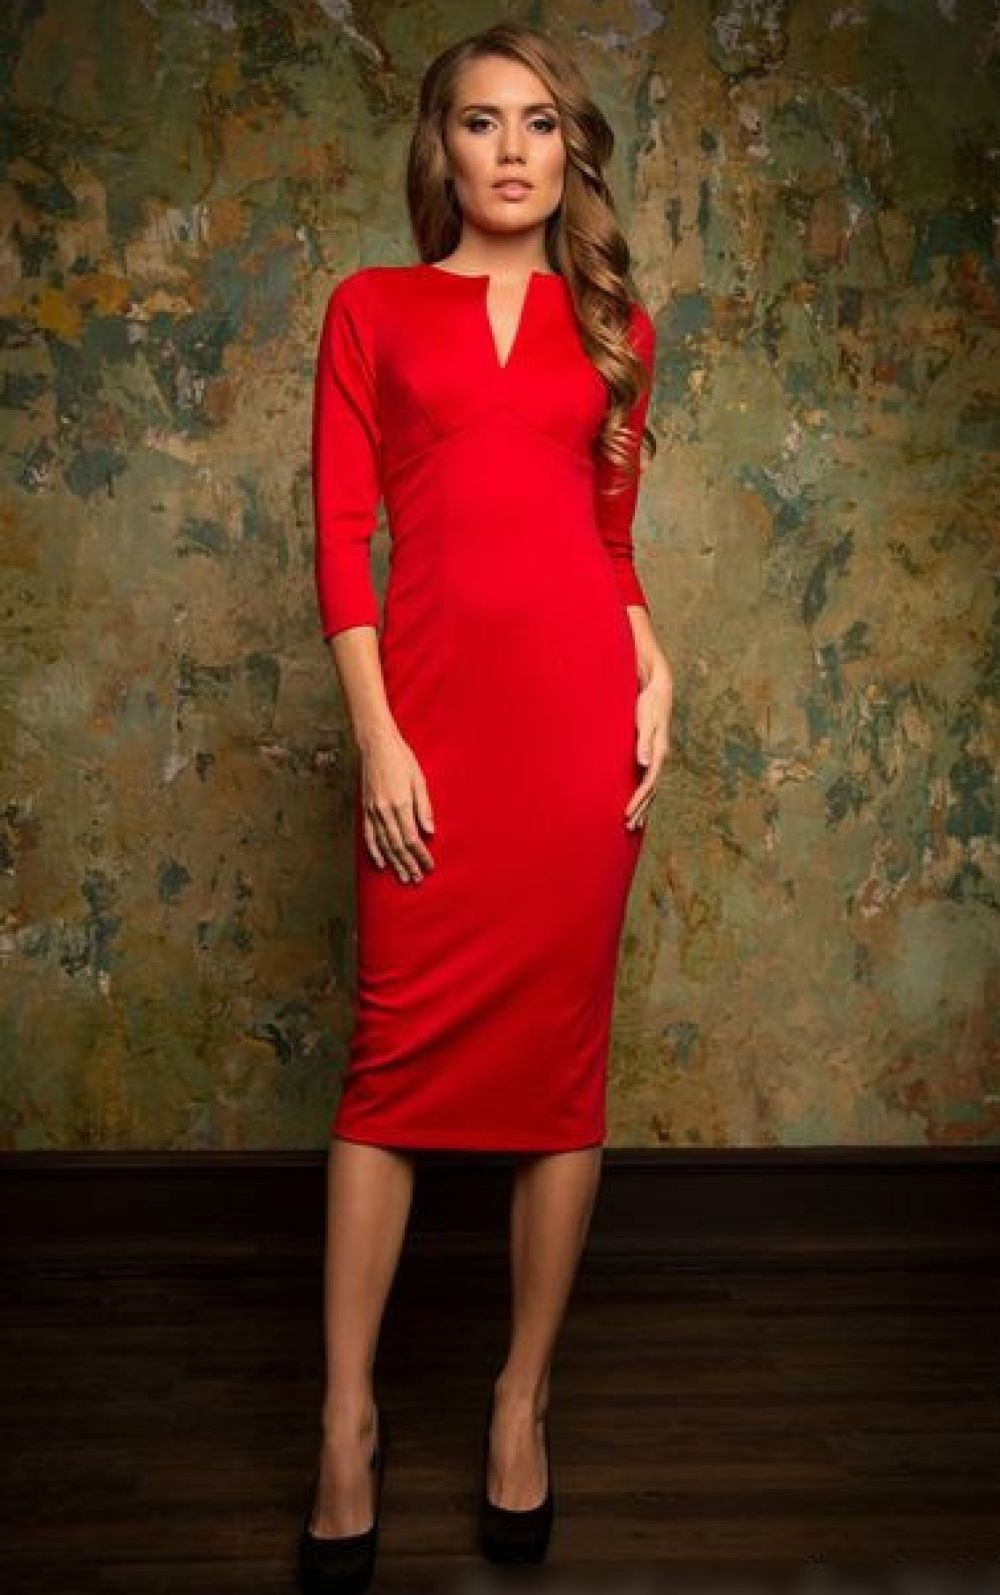 Цветовая палитра вплатьях весна лето 2018: классическое платья, красного цвета